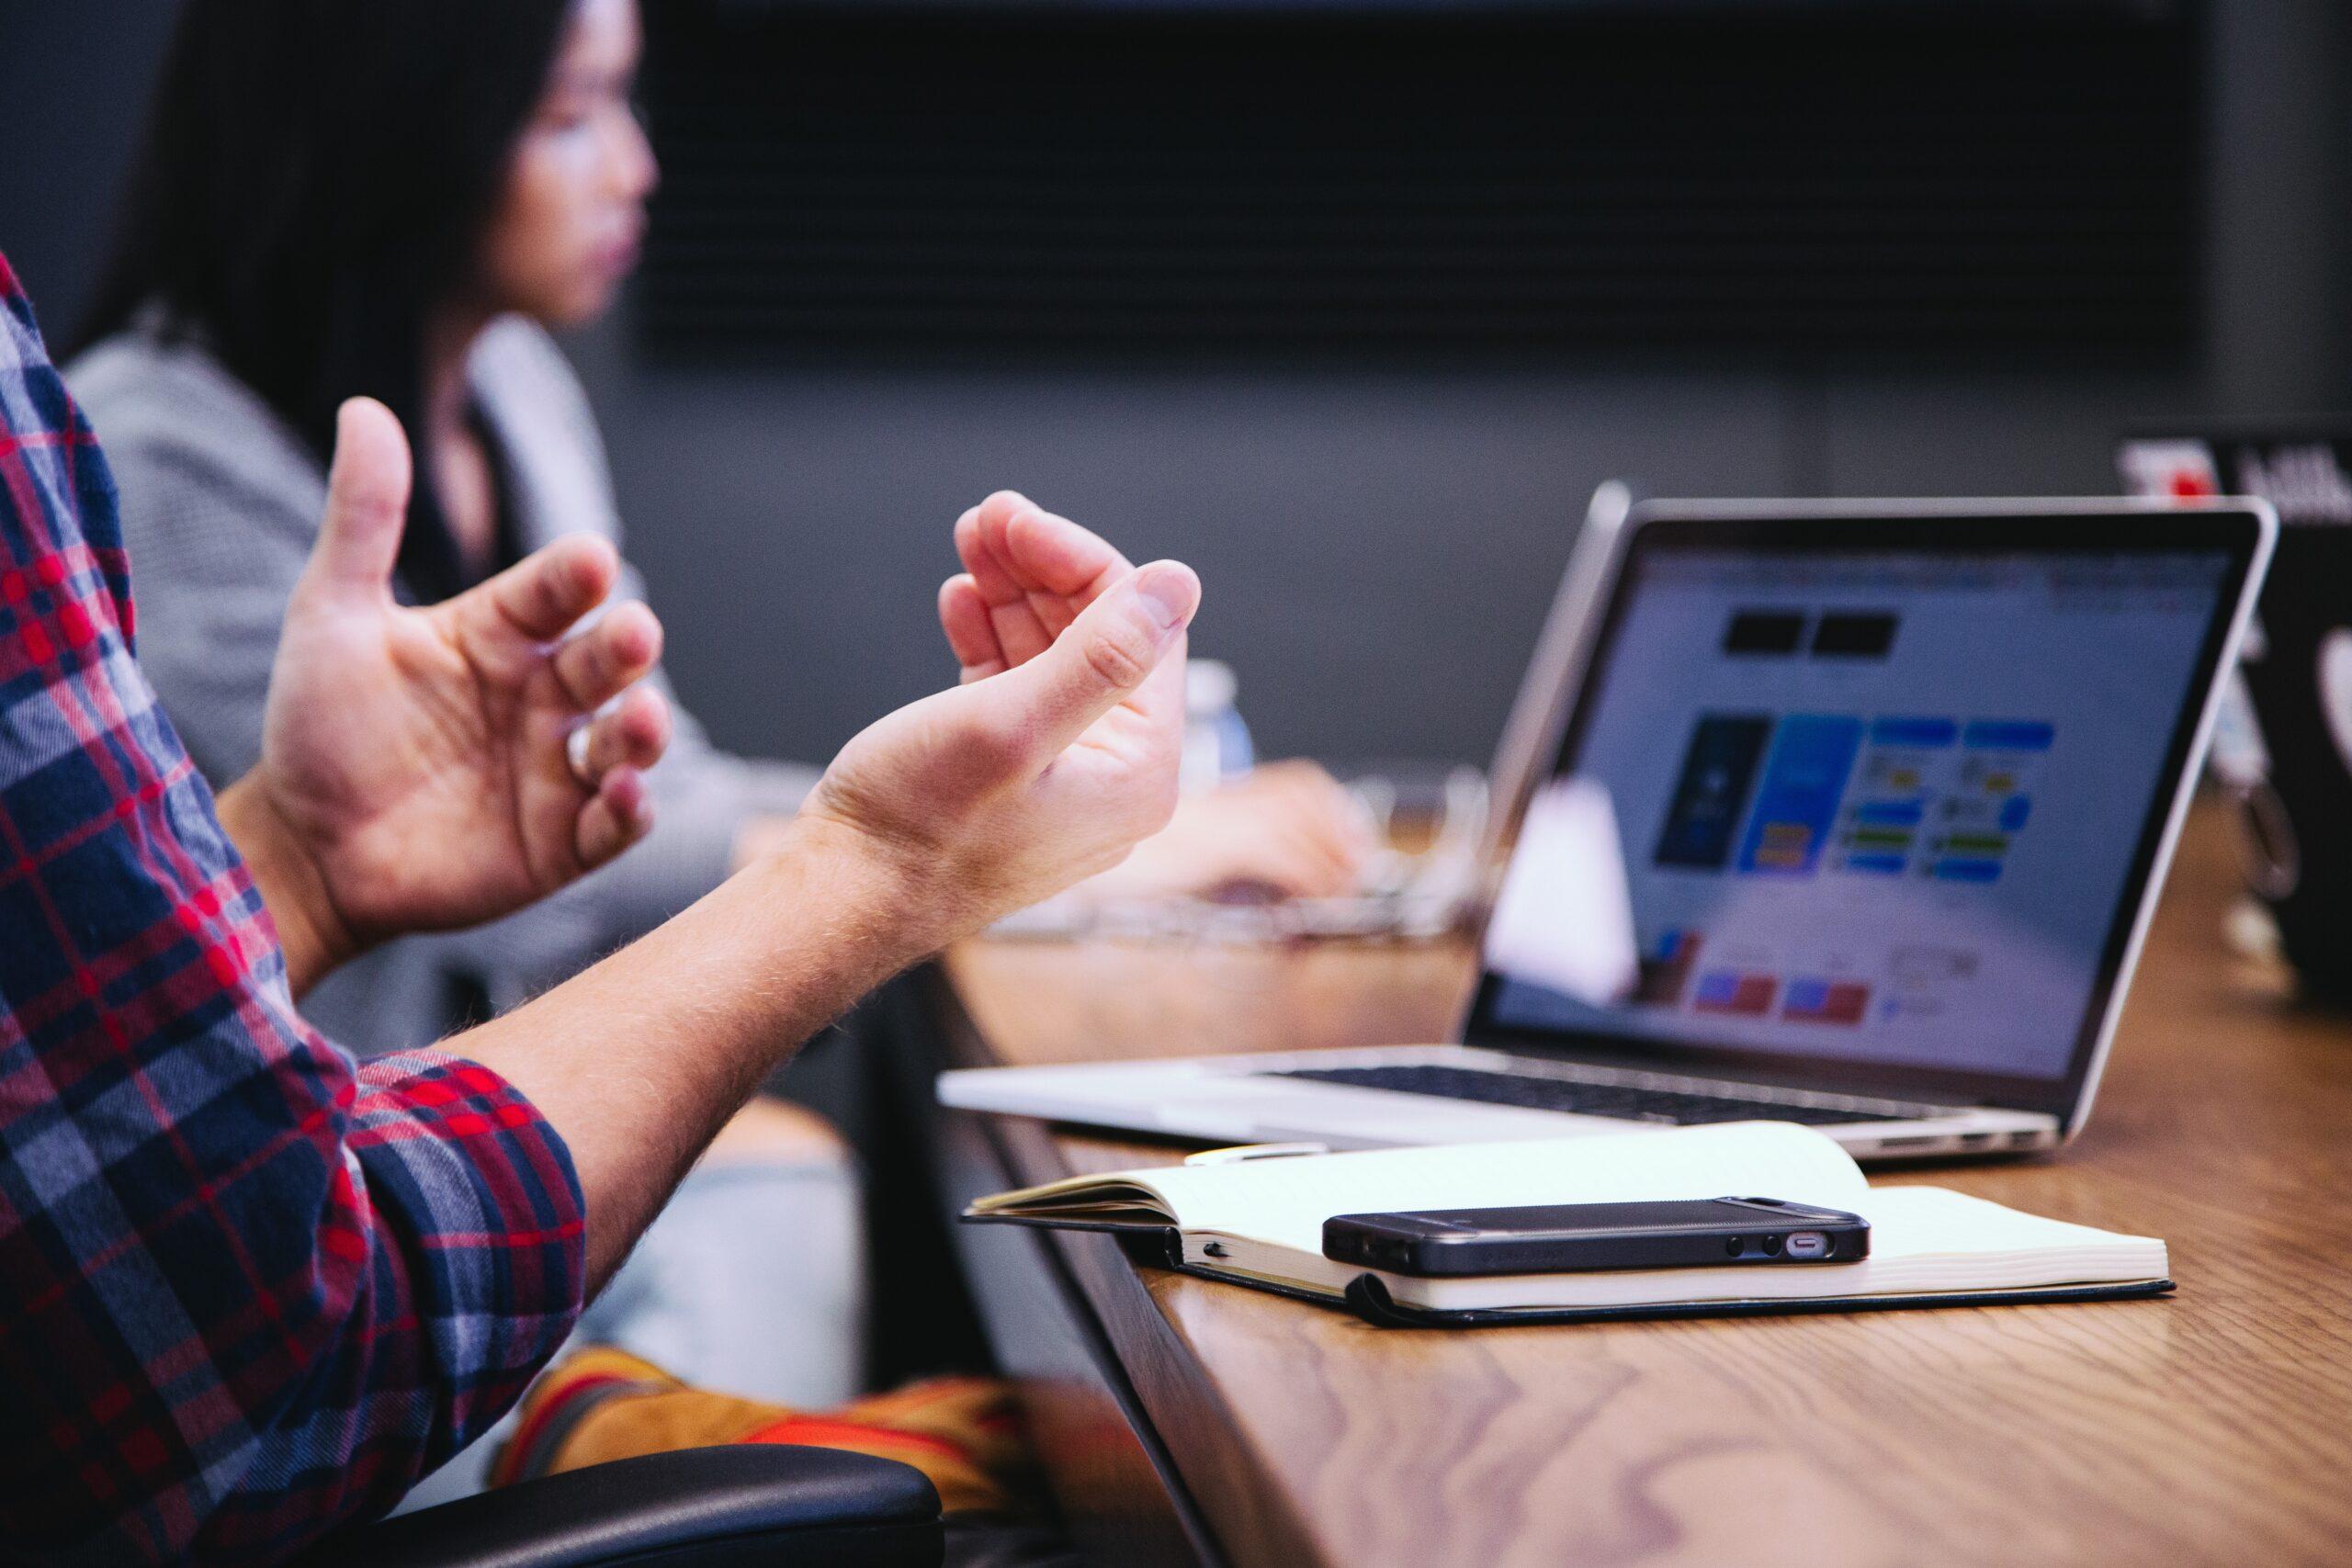 オフィスデザインがなぜ採用活動に効果があるのか